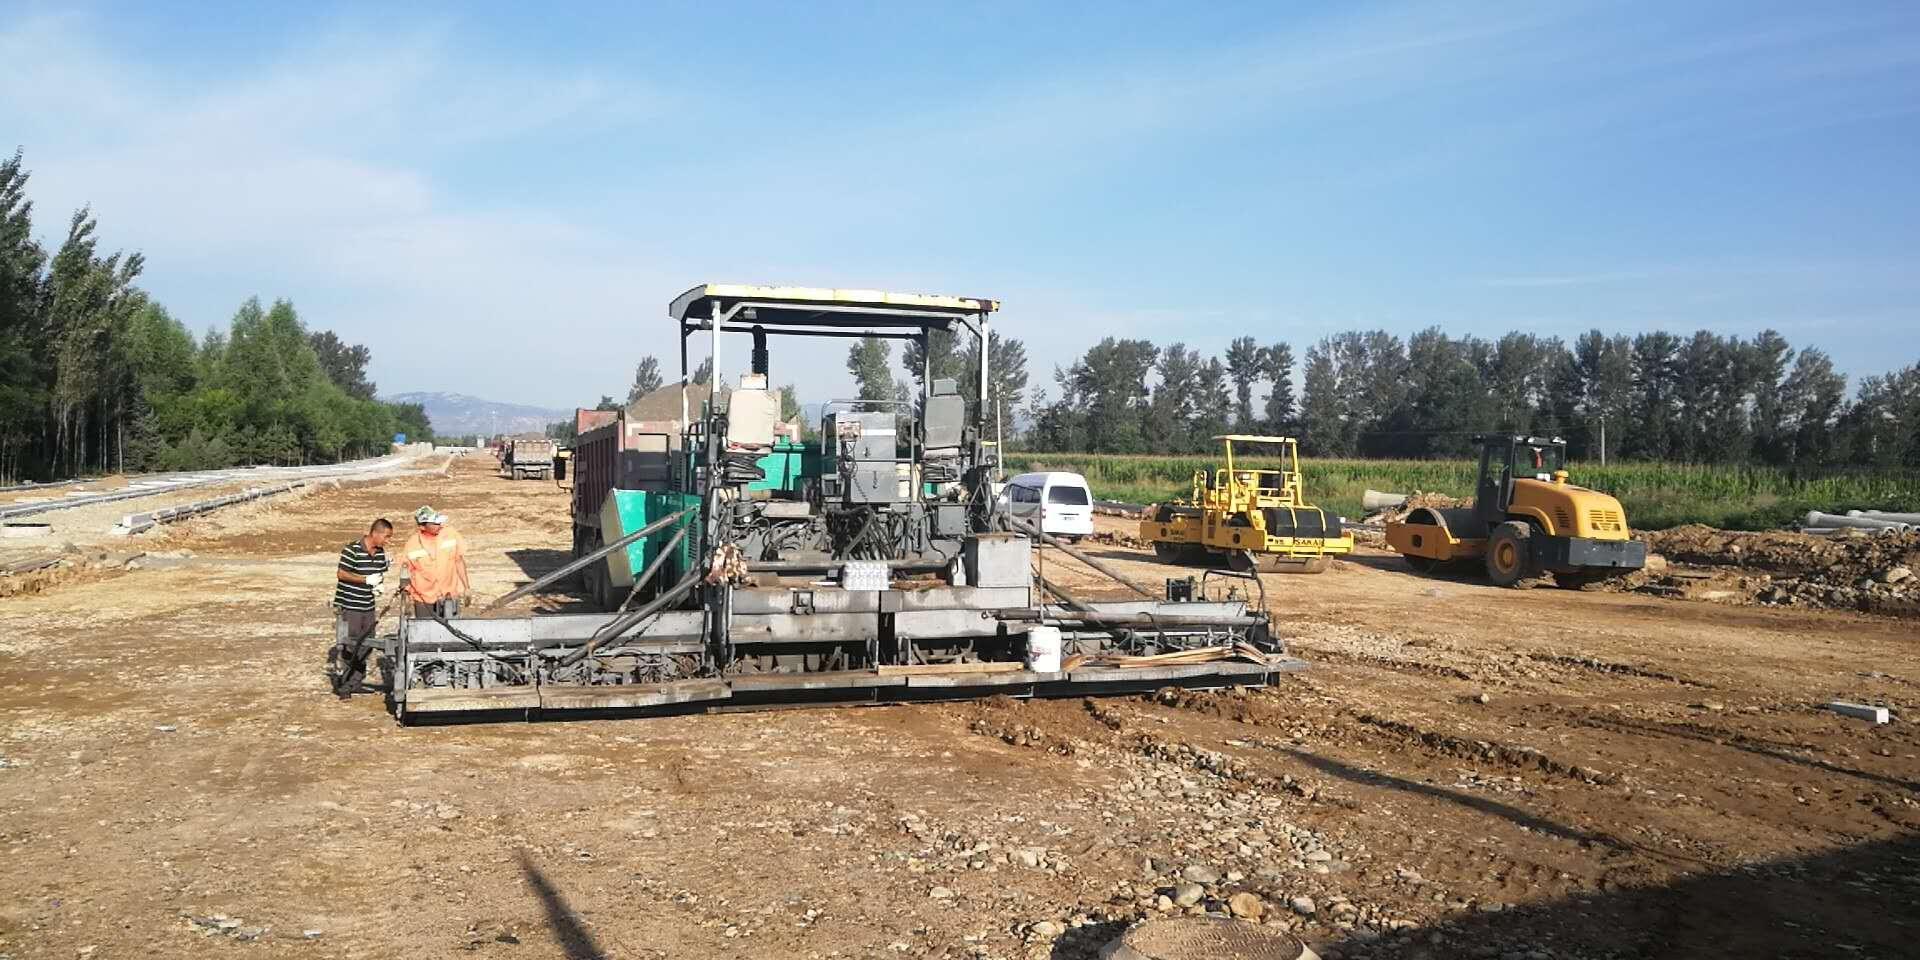 2018年城區新建改造道路建設項目工程施工三標段汾源街道路工程進展情況